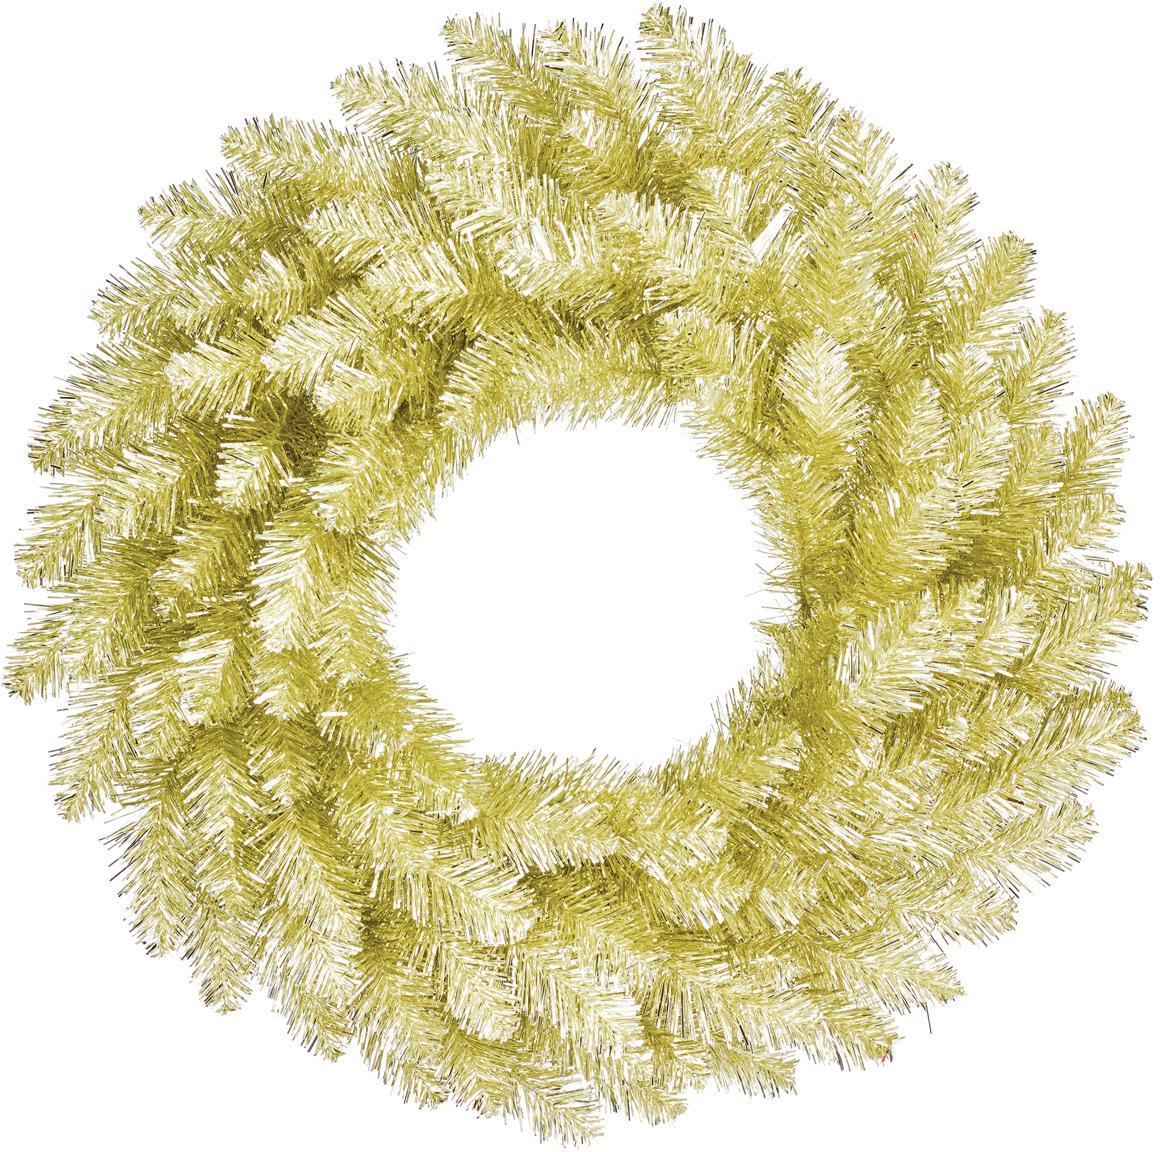 Ghirlanda natalizia artificiale Colchester, Materiale sintetico (PVC), Champagne, Ø 60 cm